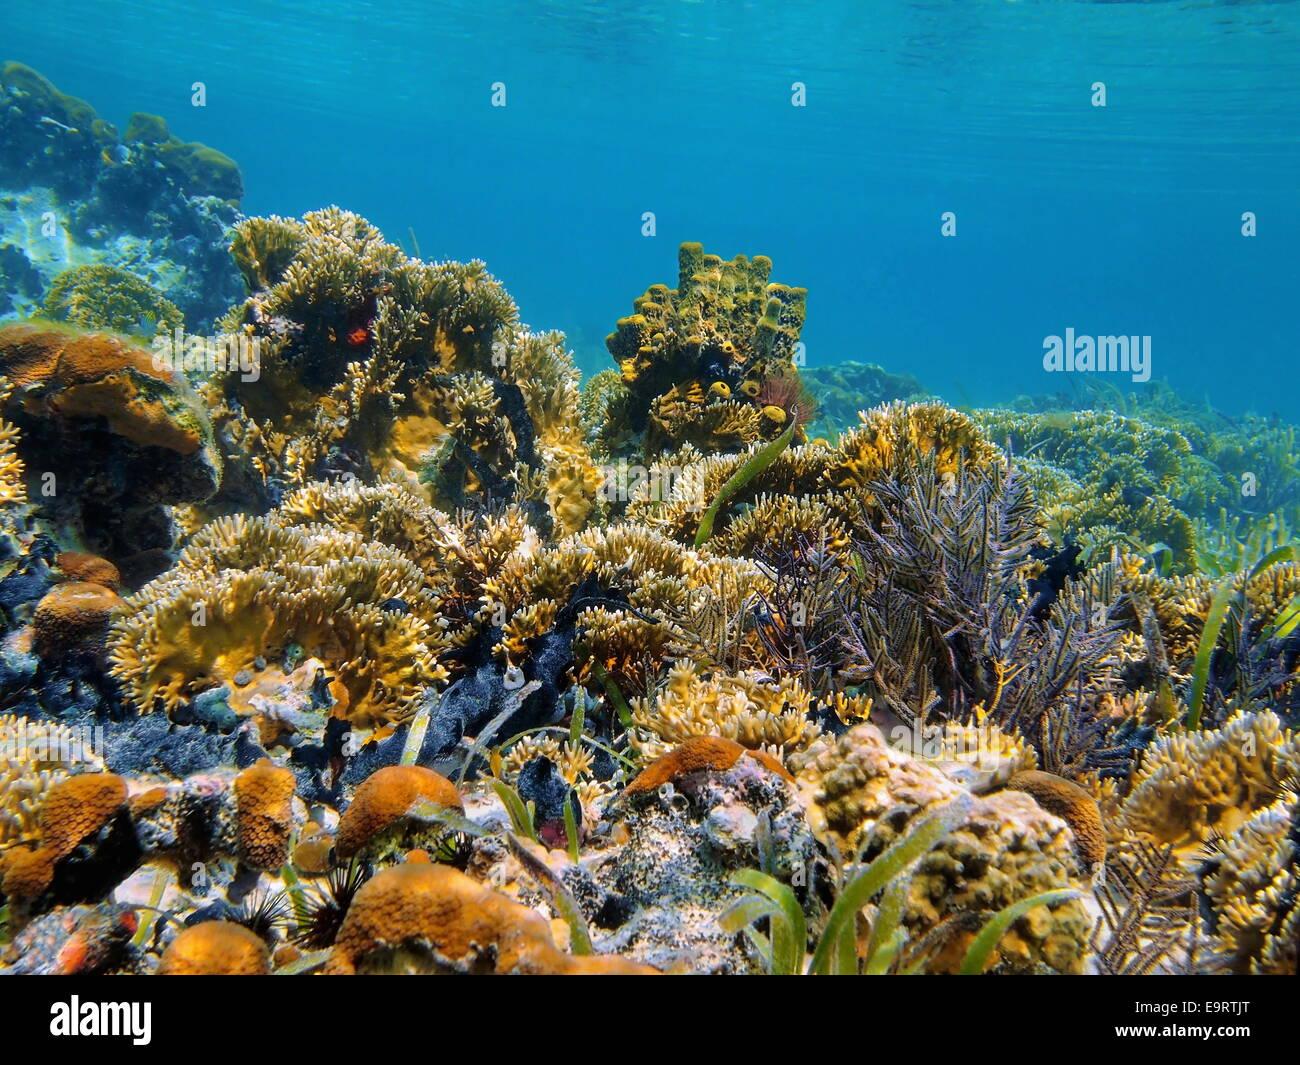 Paesaggio sottomarino in una leggera barriera corallina del Mar dei Caraibi Immagini Stock